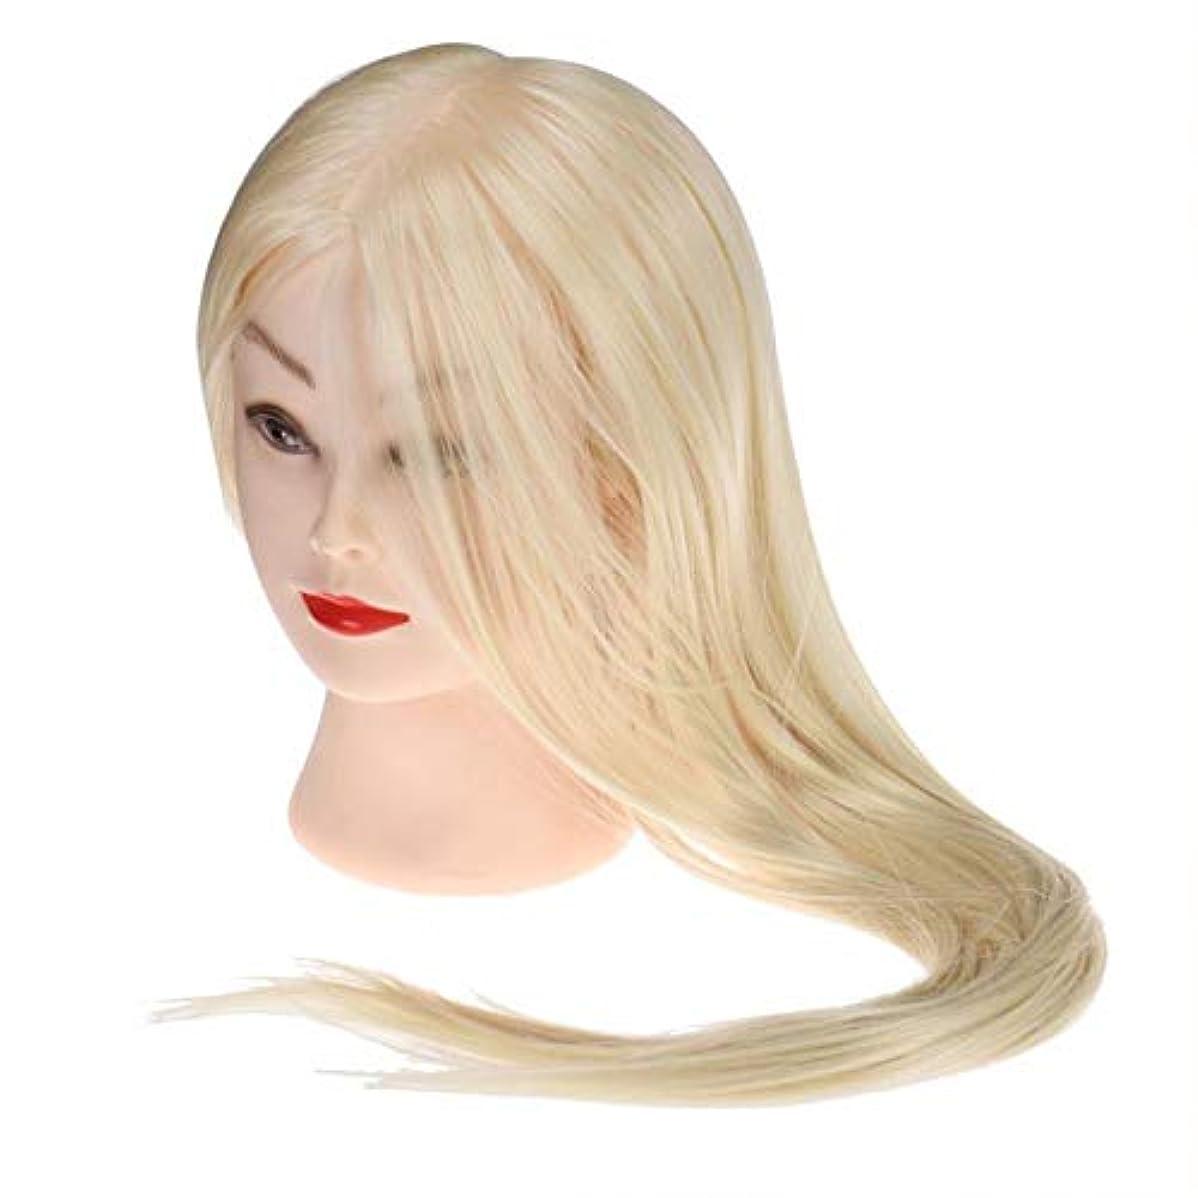 風が強いスピリチュアル白菜サロン散髪練習ヘッドモデルメイク学校編組髪開発学習モデルヘッドヘアストレートロングかつら